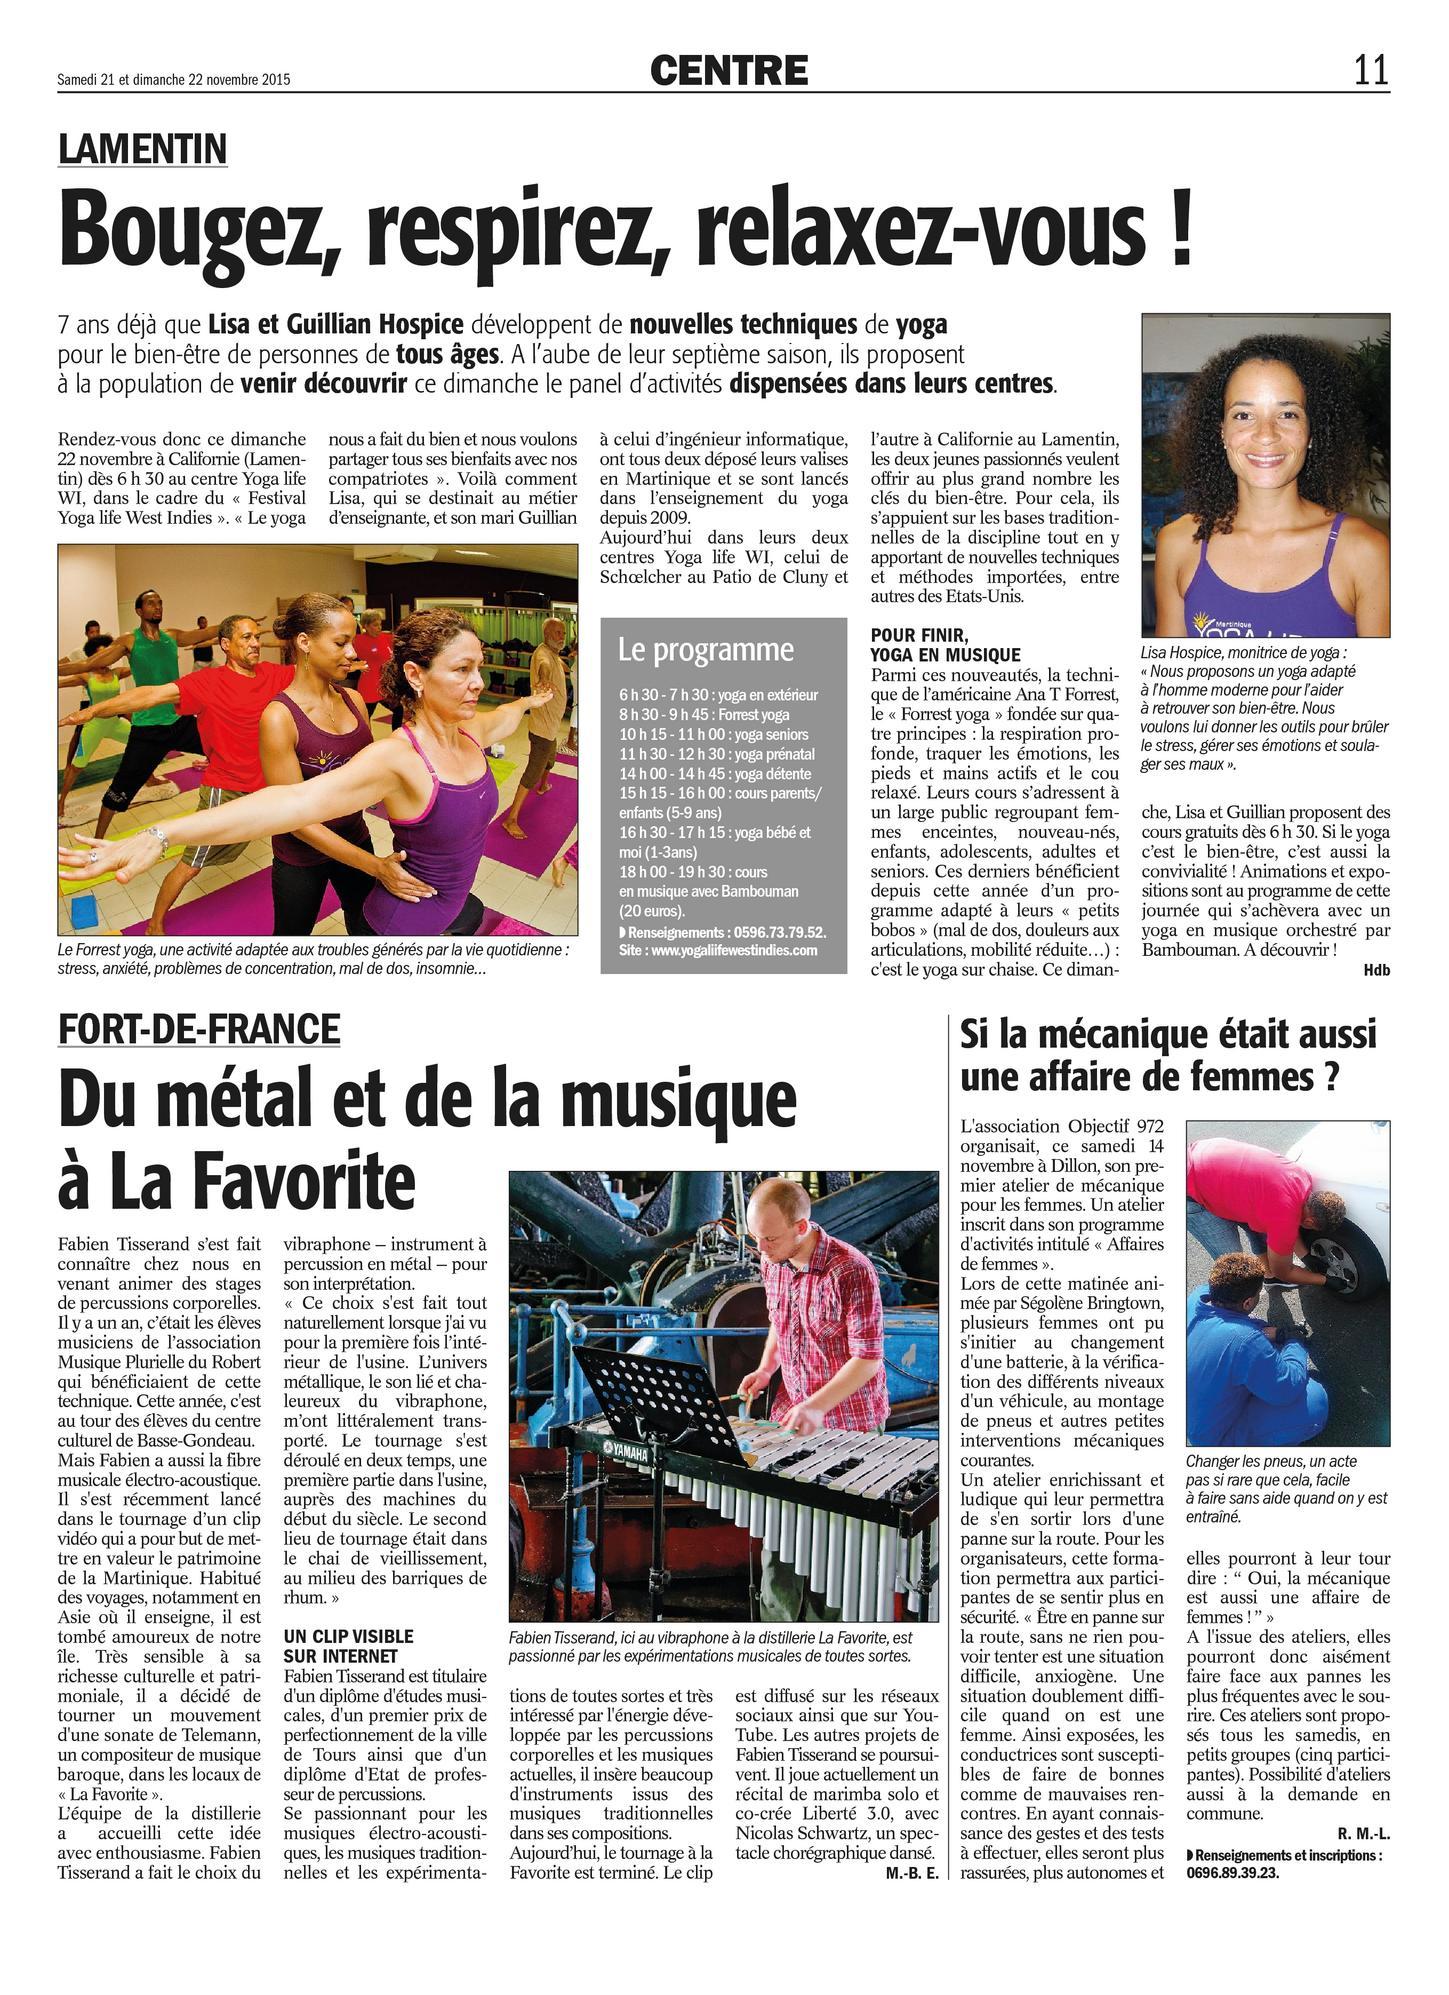 Yoga Life West Indies FA2015-11-21 Cours de Yoga Martinique Lamentin Schoelcher